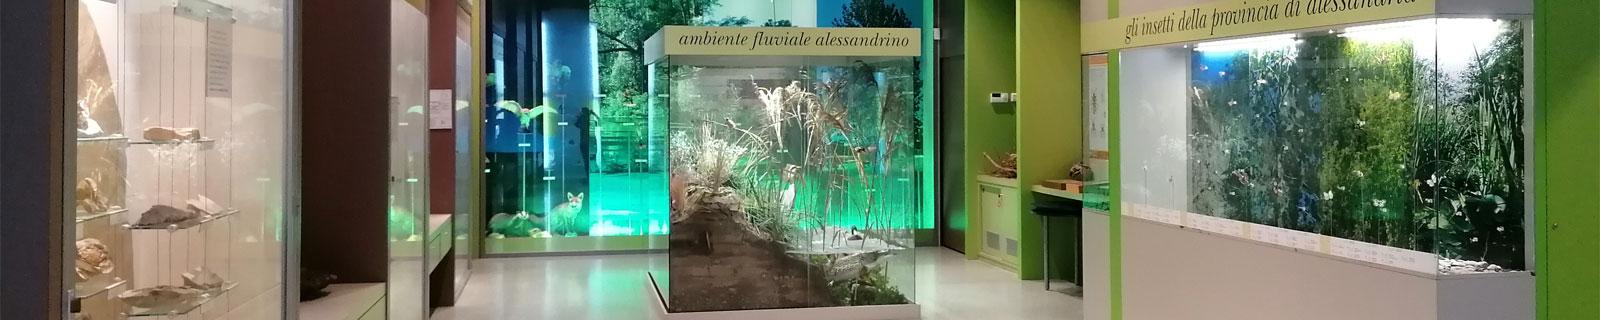 Immagine di testata: scorcio interno del Teatro delle Scienze